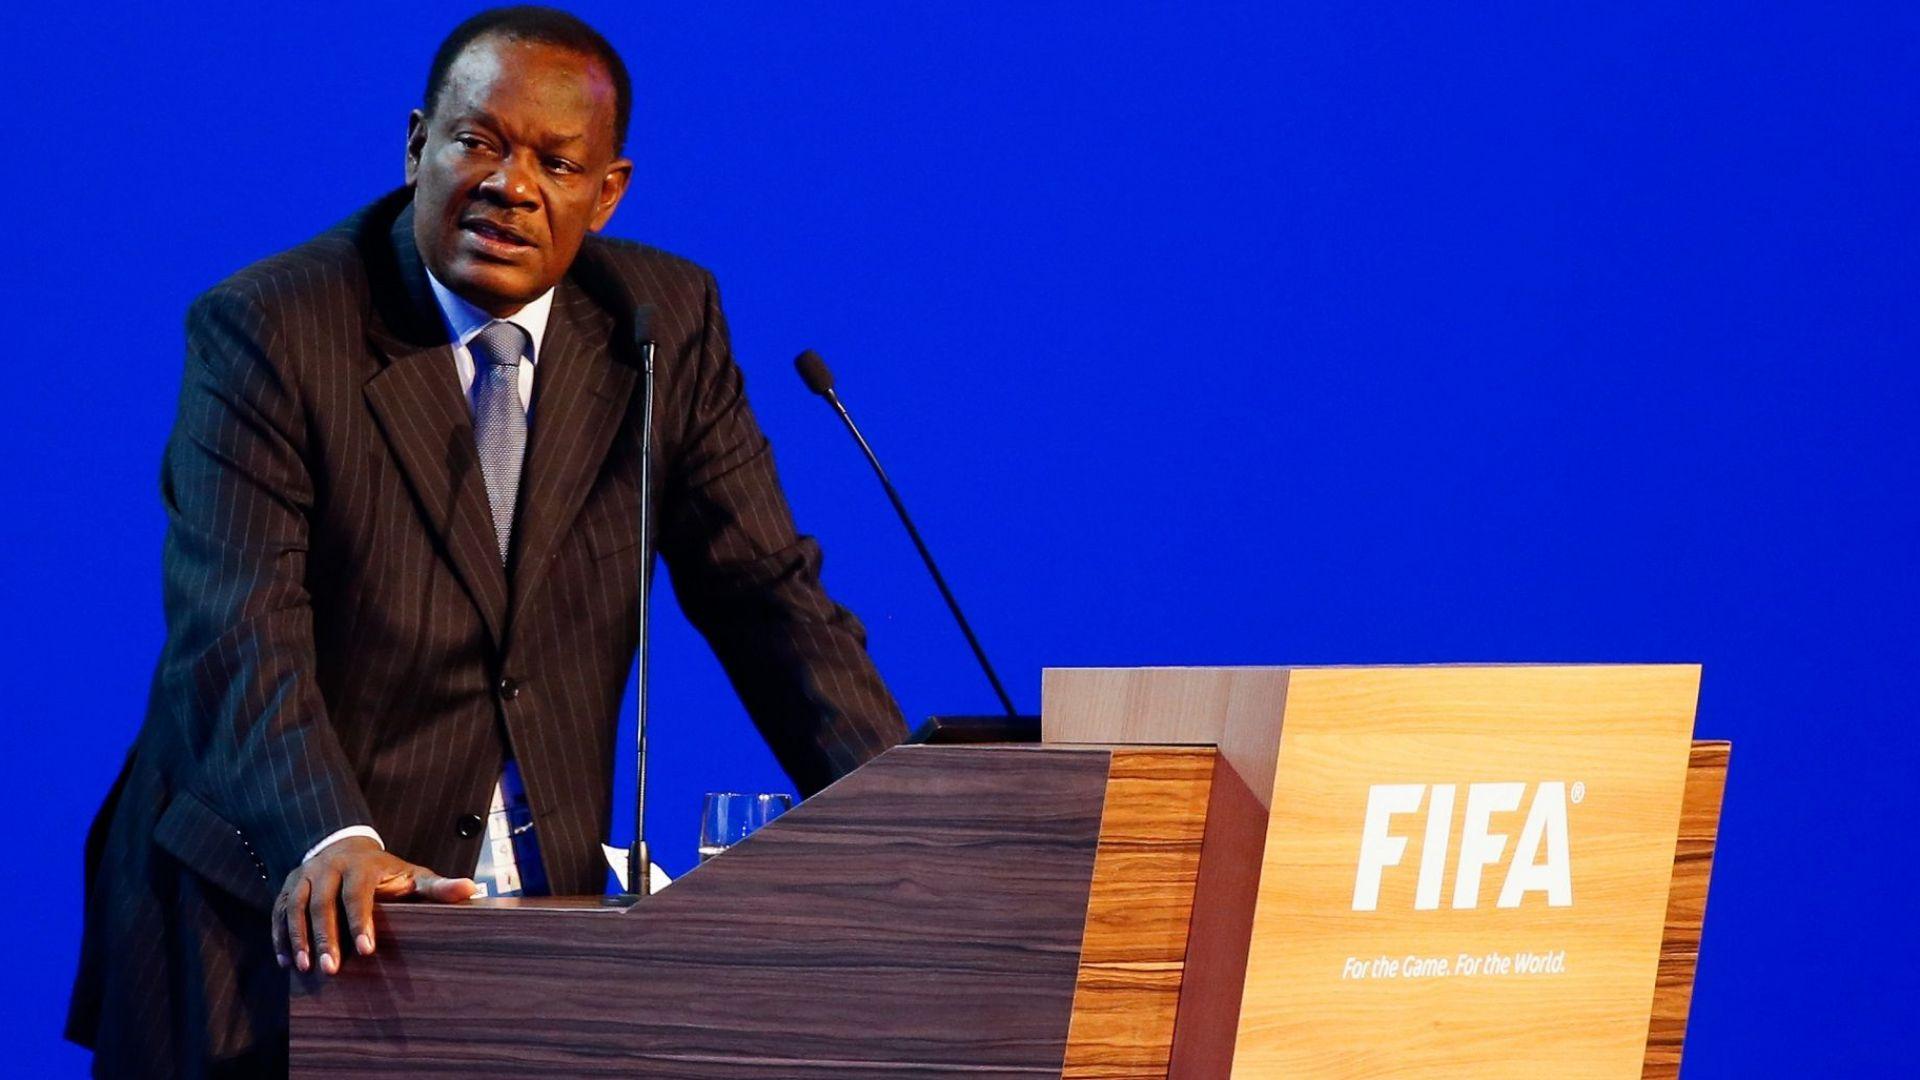 Футболен президент с обвинения за сексуално насилие над момичета